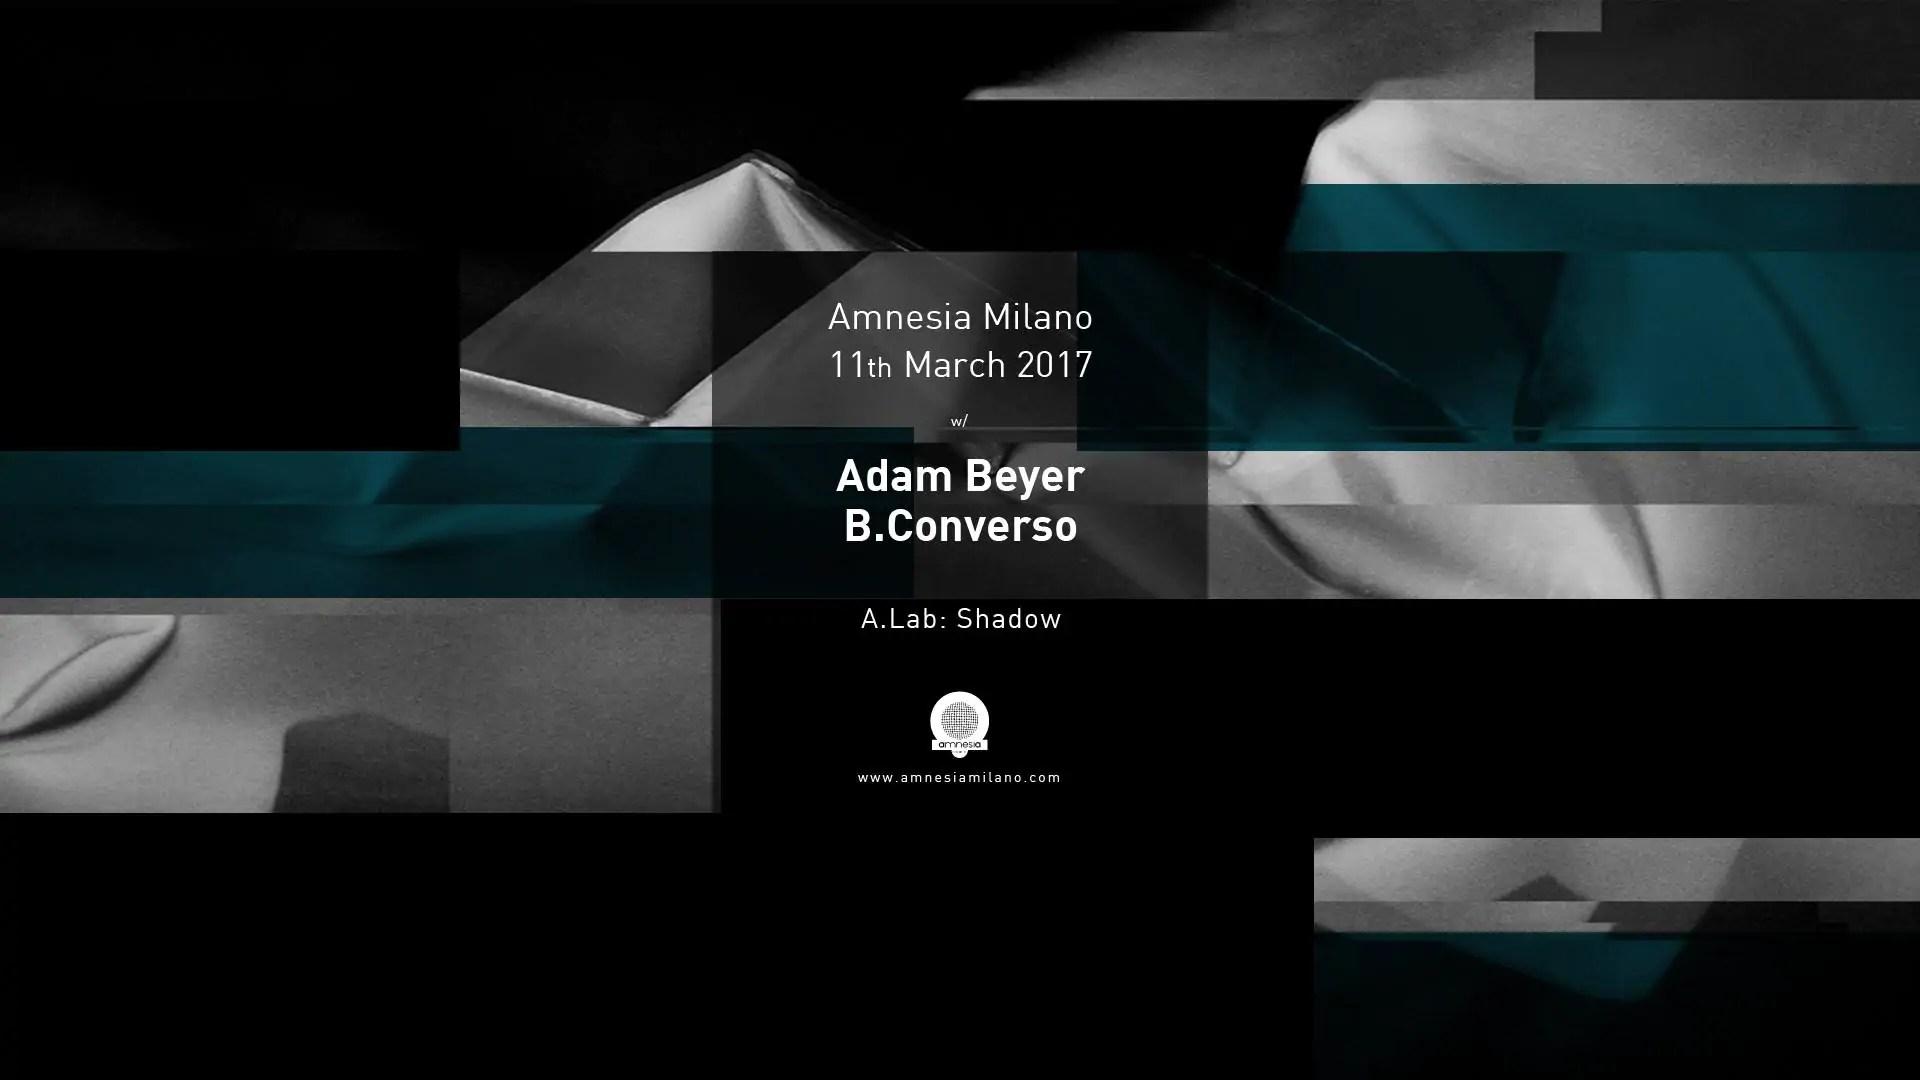 MARCO FARAONE AMNESIA MILANO 01 APRILE 2017 Prezzi TICKET PREVENDITE PACCHETTI Hotel Bus